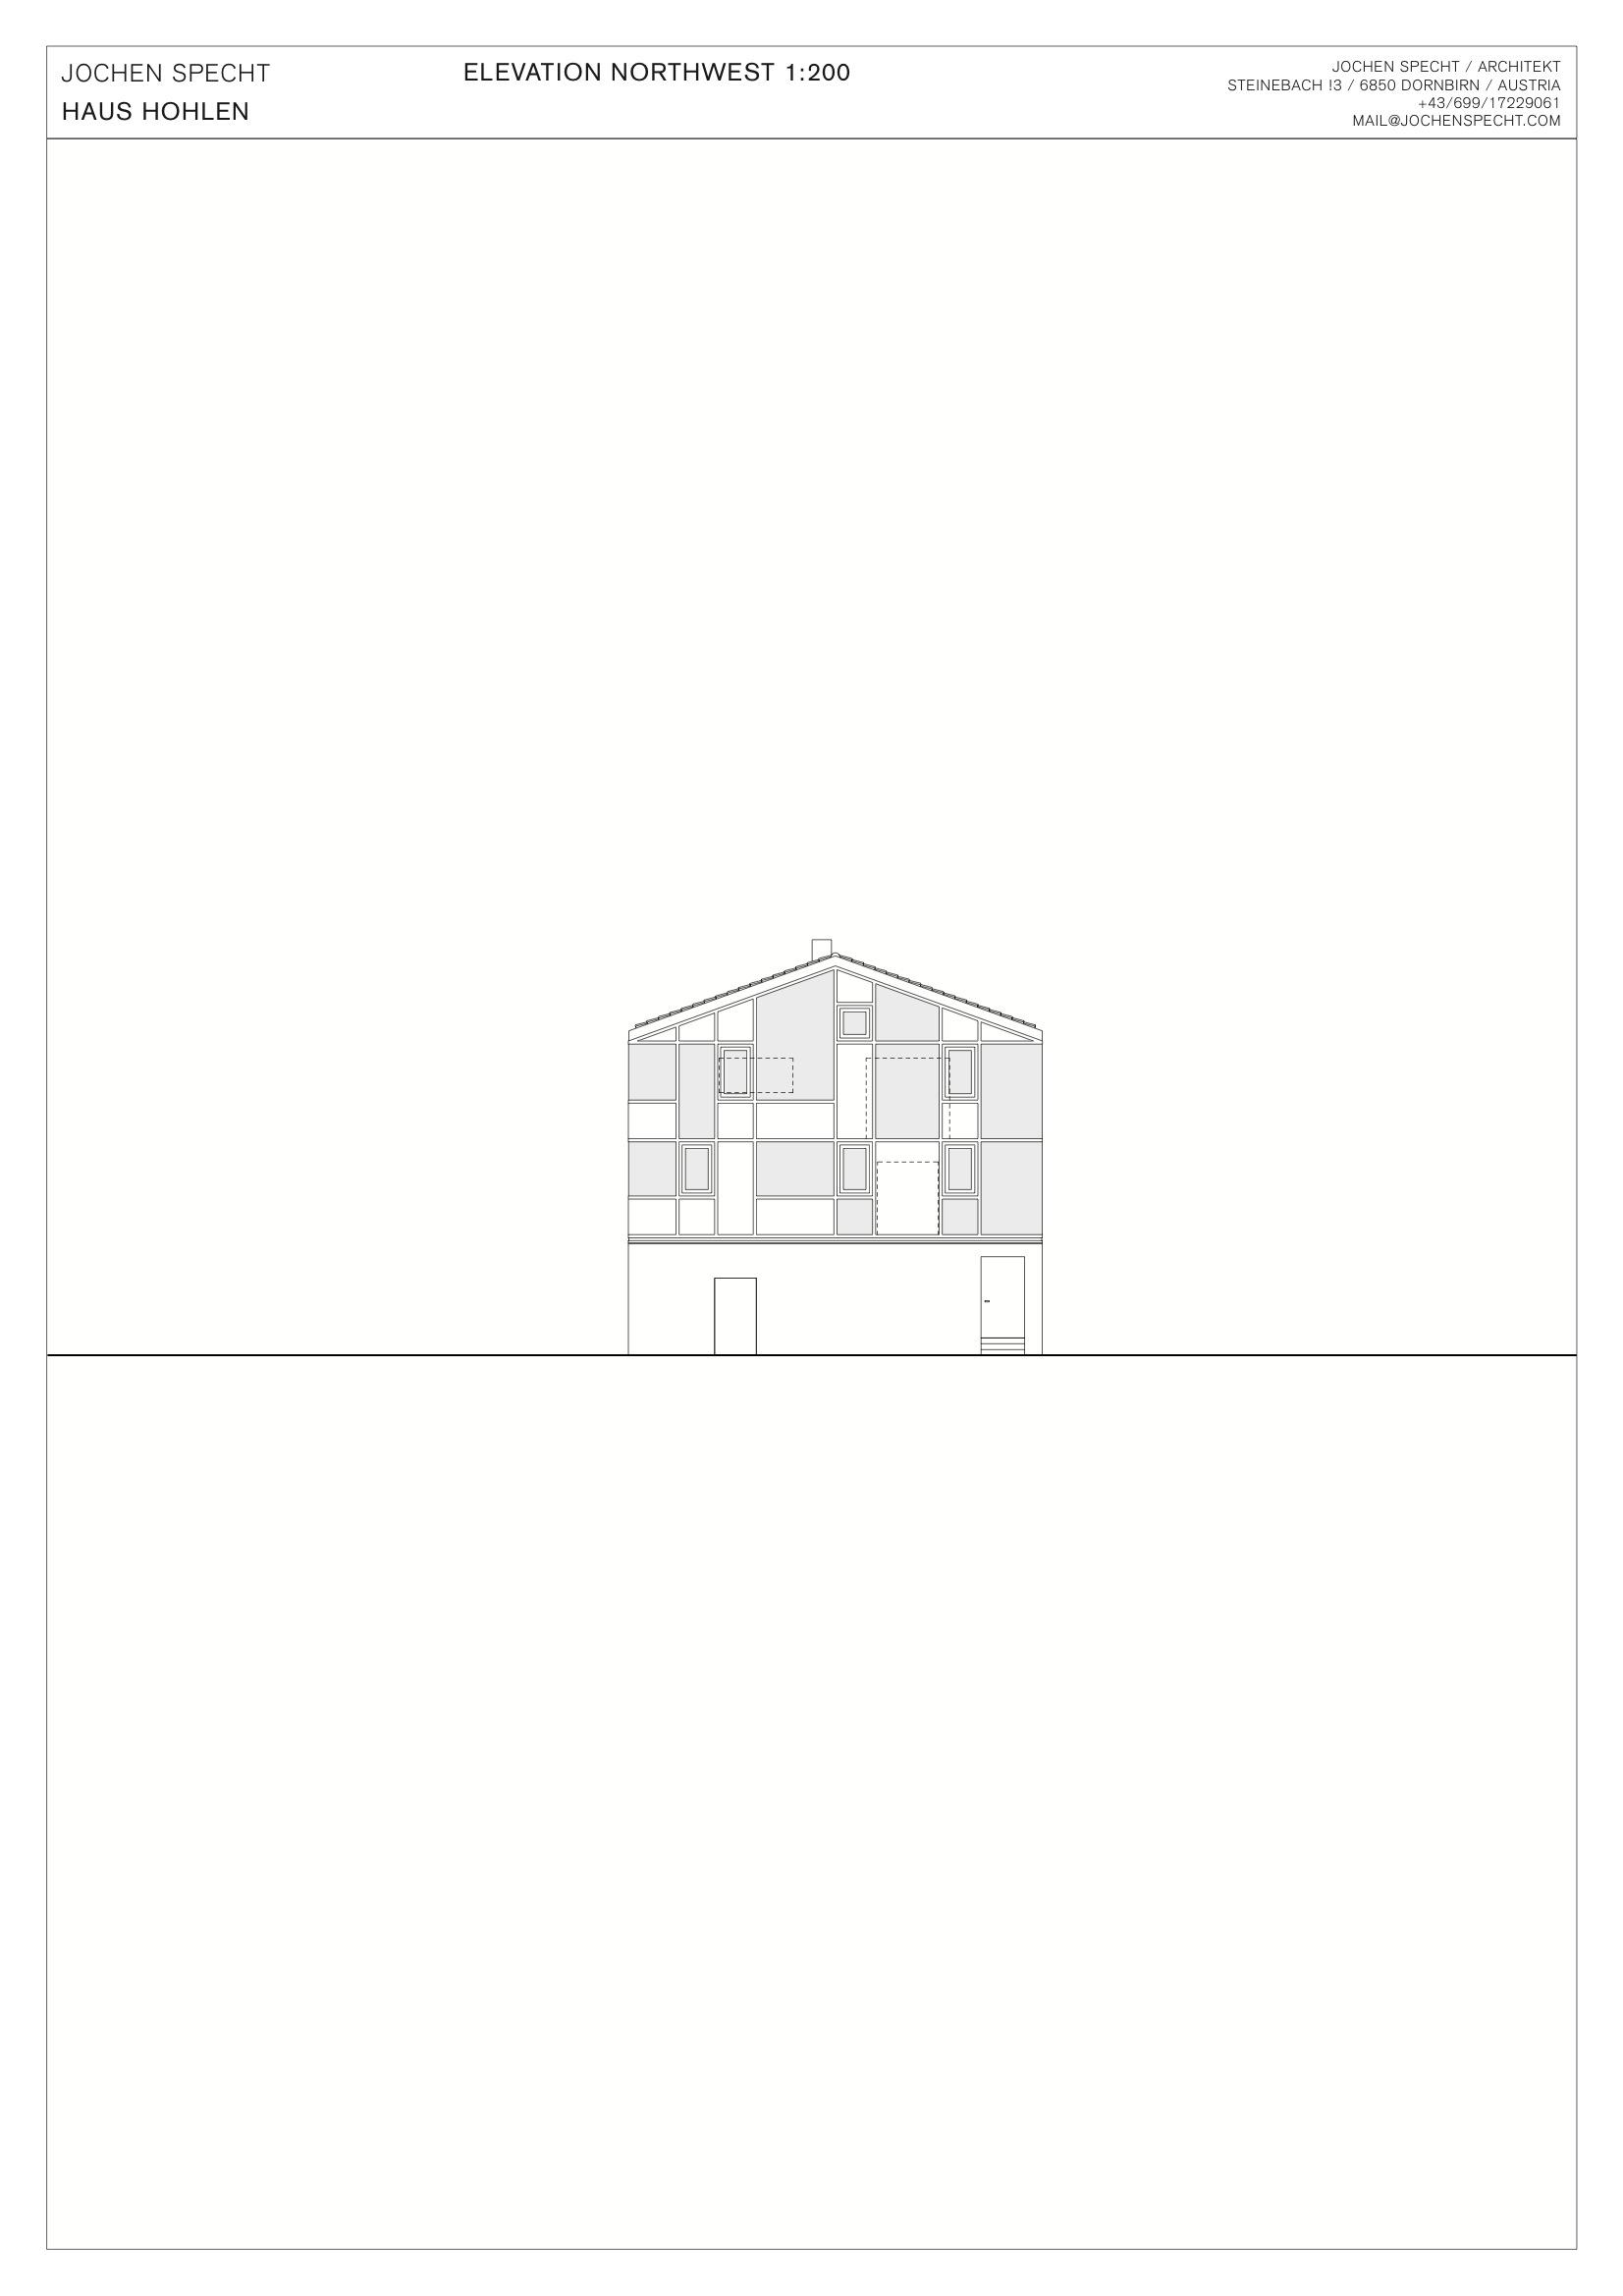 Haus_Hohlen-Jochen_Specht-28.png